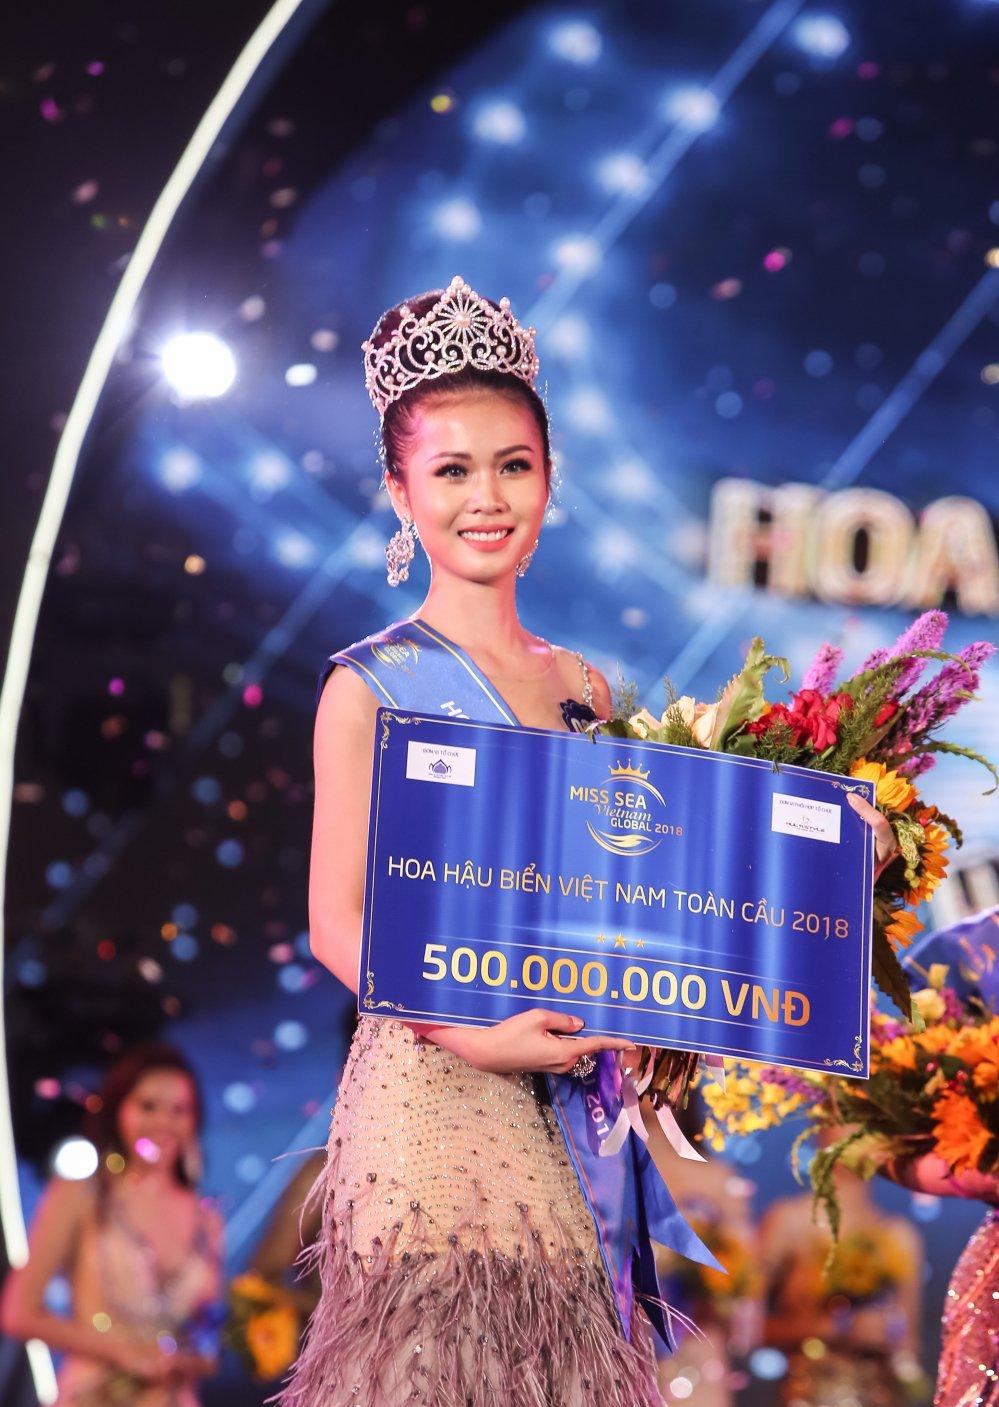 Can canh nhan sac ngot ngao cua tan Hoa hau Bien Viet Nam toan cau 2018 hinh anh 2